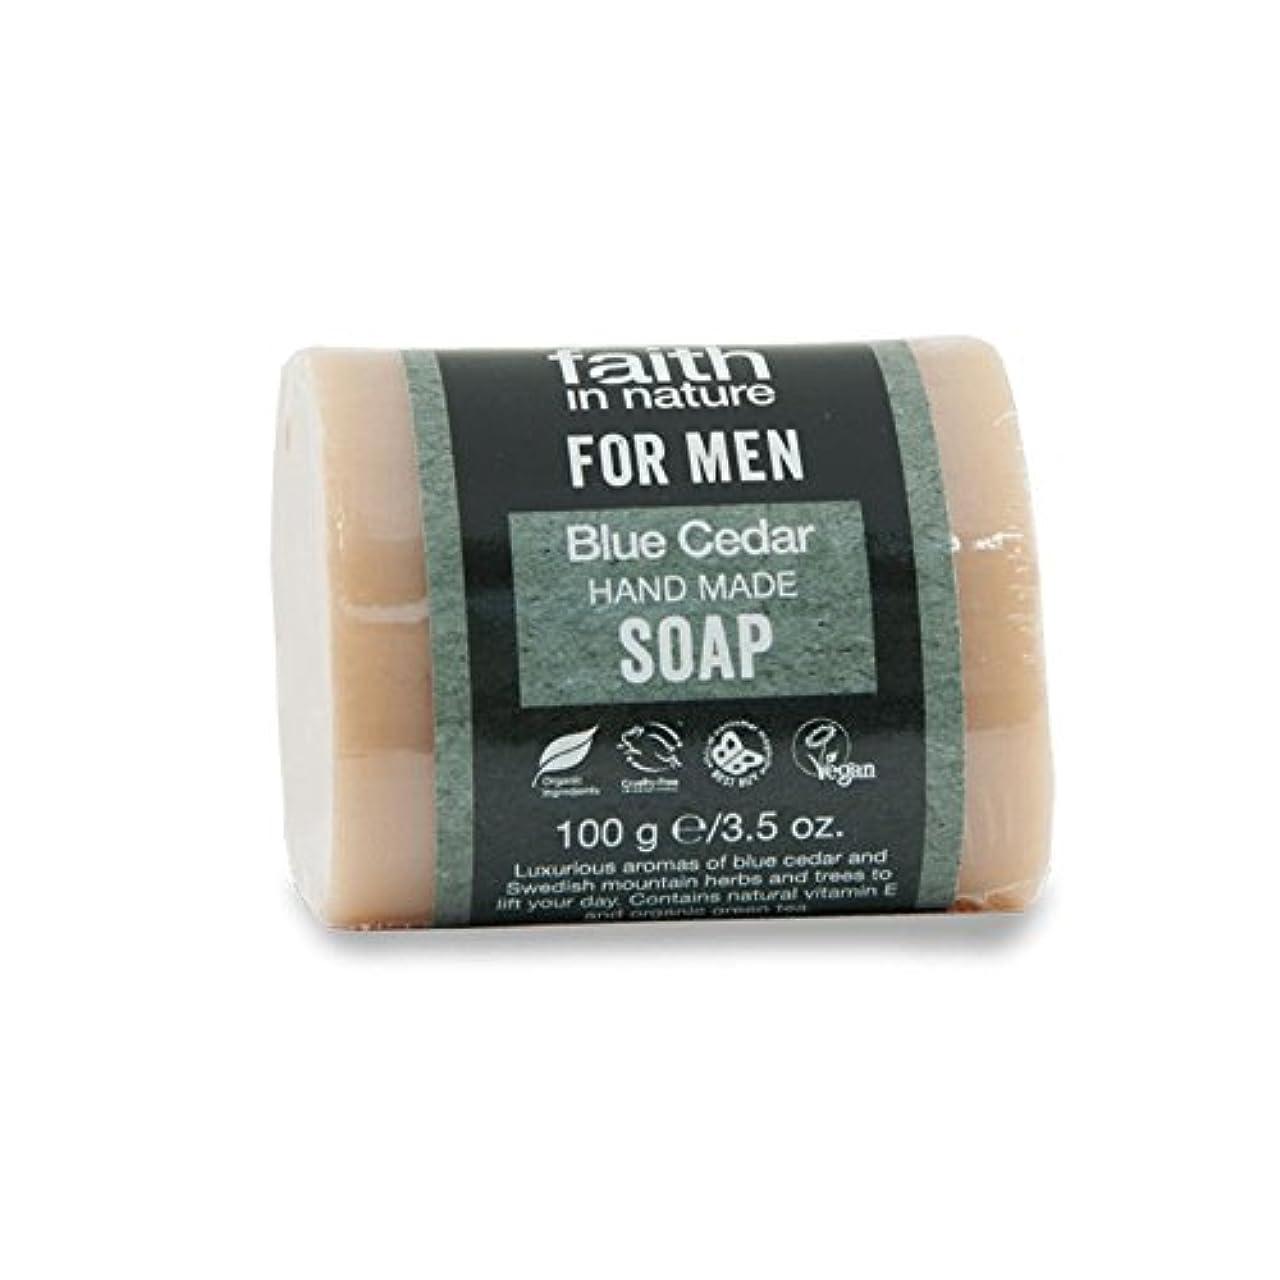 メタンアッパーモロニックFaith in Nature for Men Blue Cedar Soap 100g (Pack of 6) - 男性青杉の石鹸100グラムのための自然の中で信仰 (x6) [並行輸入品]